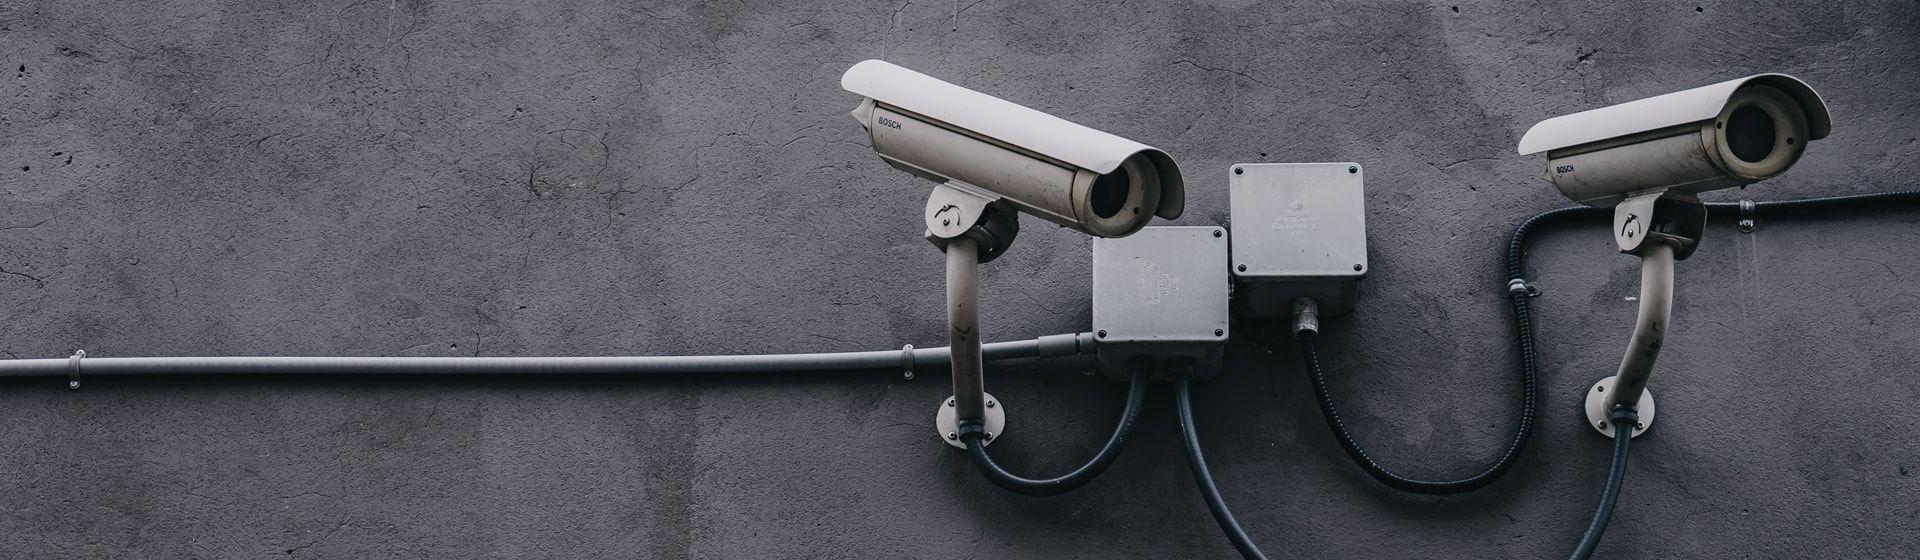 Videoüberwachung am Arbeitsplatz ist erlaubt.